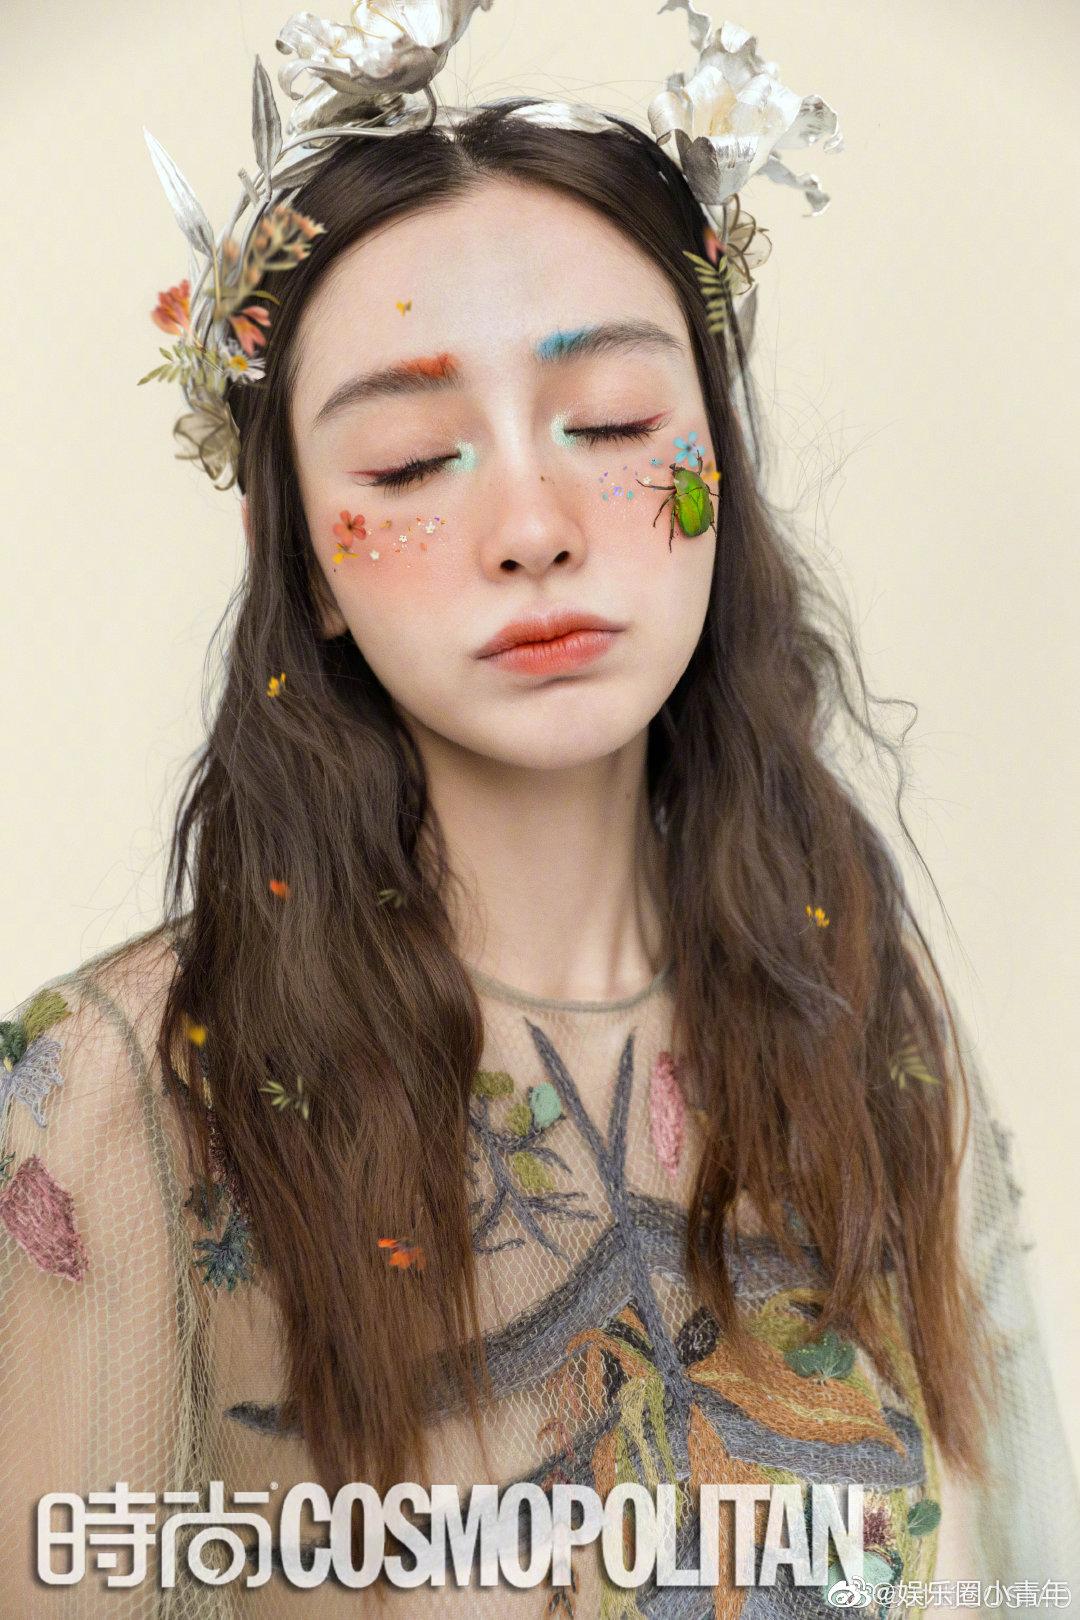 Dương Mịch, Lệ Dĩnh, Nhiệt Ba và 15 đại mỹ nhân Cbiz khoe visual 'tươi không cần tưới' khi sống ảo với hoa 2